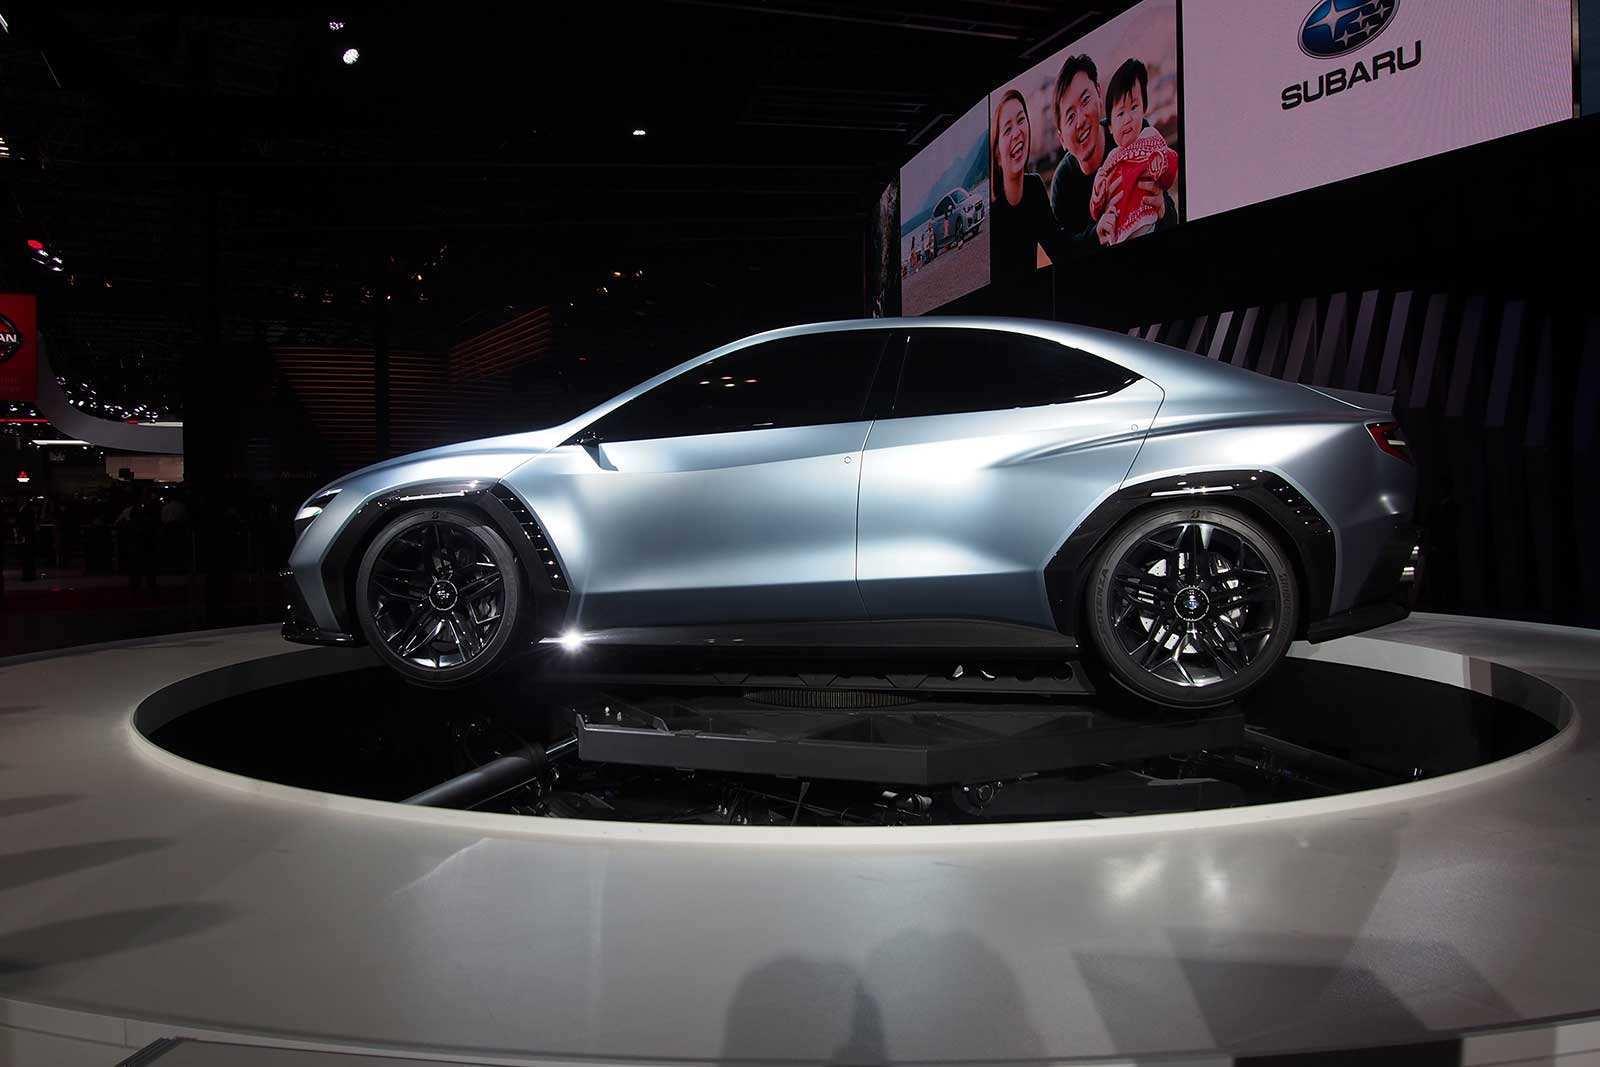 47 Gallery of 2020 Subaru Sti Rumors Pricing with 2020 Subaru Sti Rumors